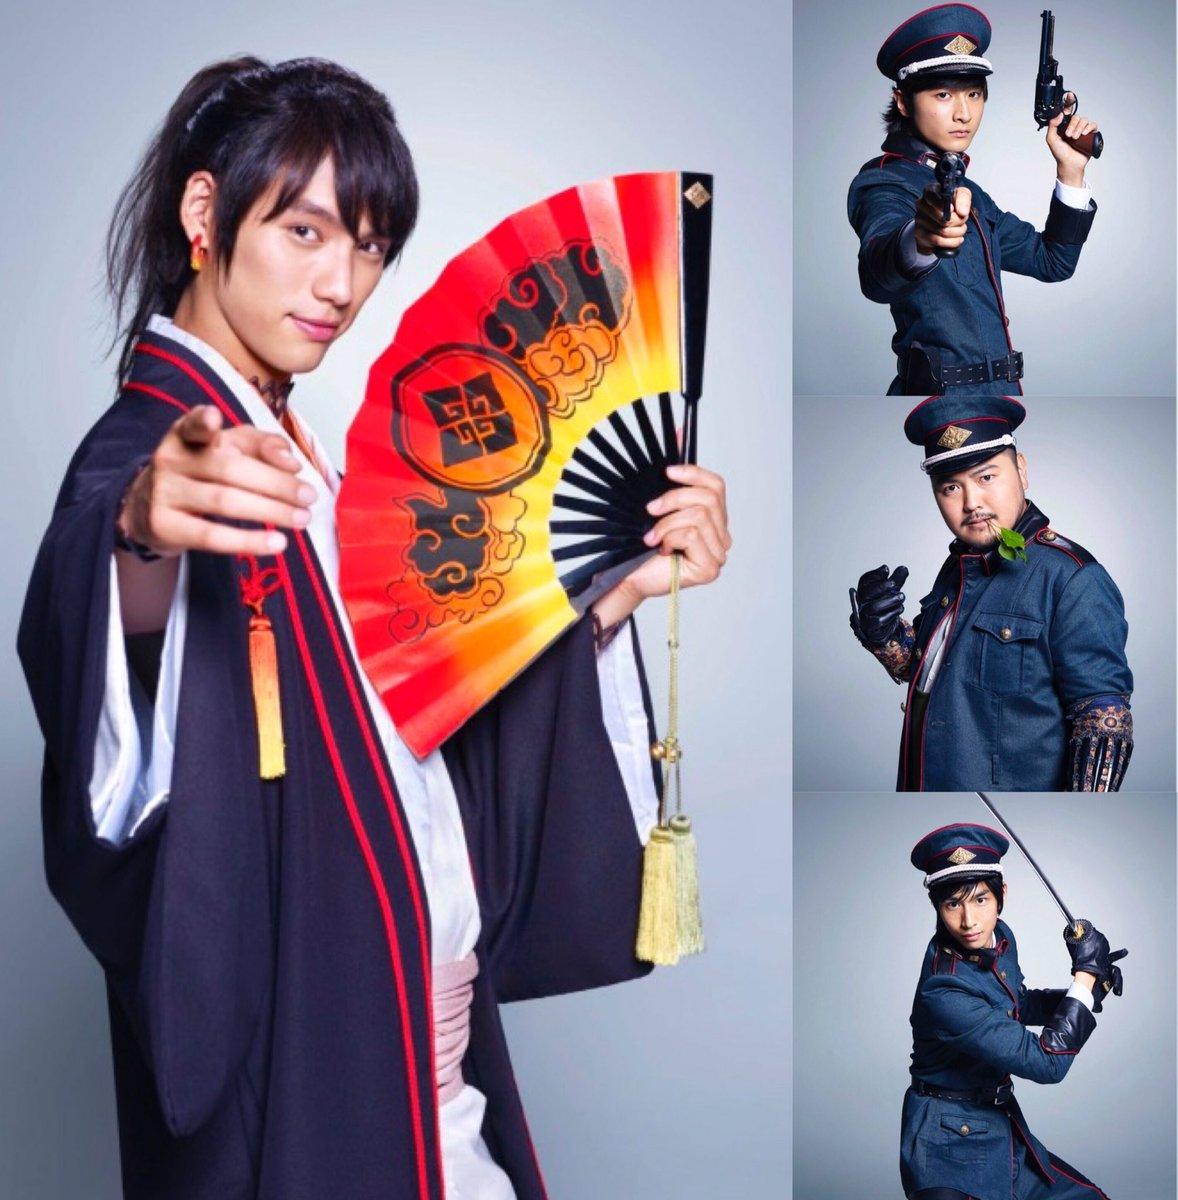 キャスト紹介映画「曇天に笑う」主演・福士蒼汰をはじめ、中山優馬、古川雄輝 他  豪華キャストで盛り上げます。